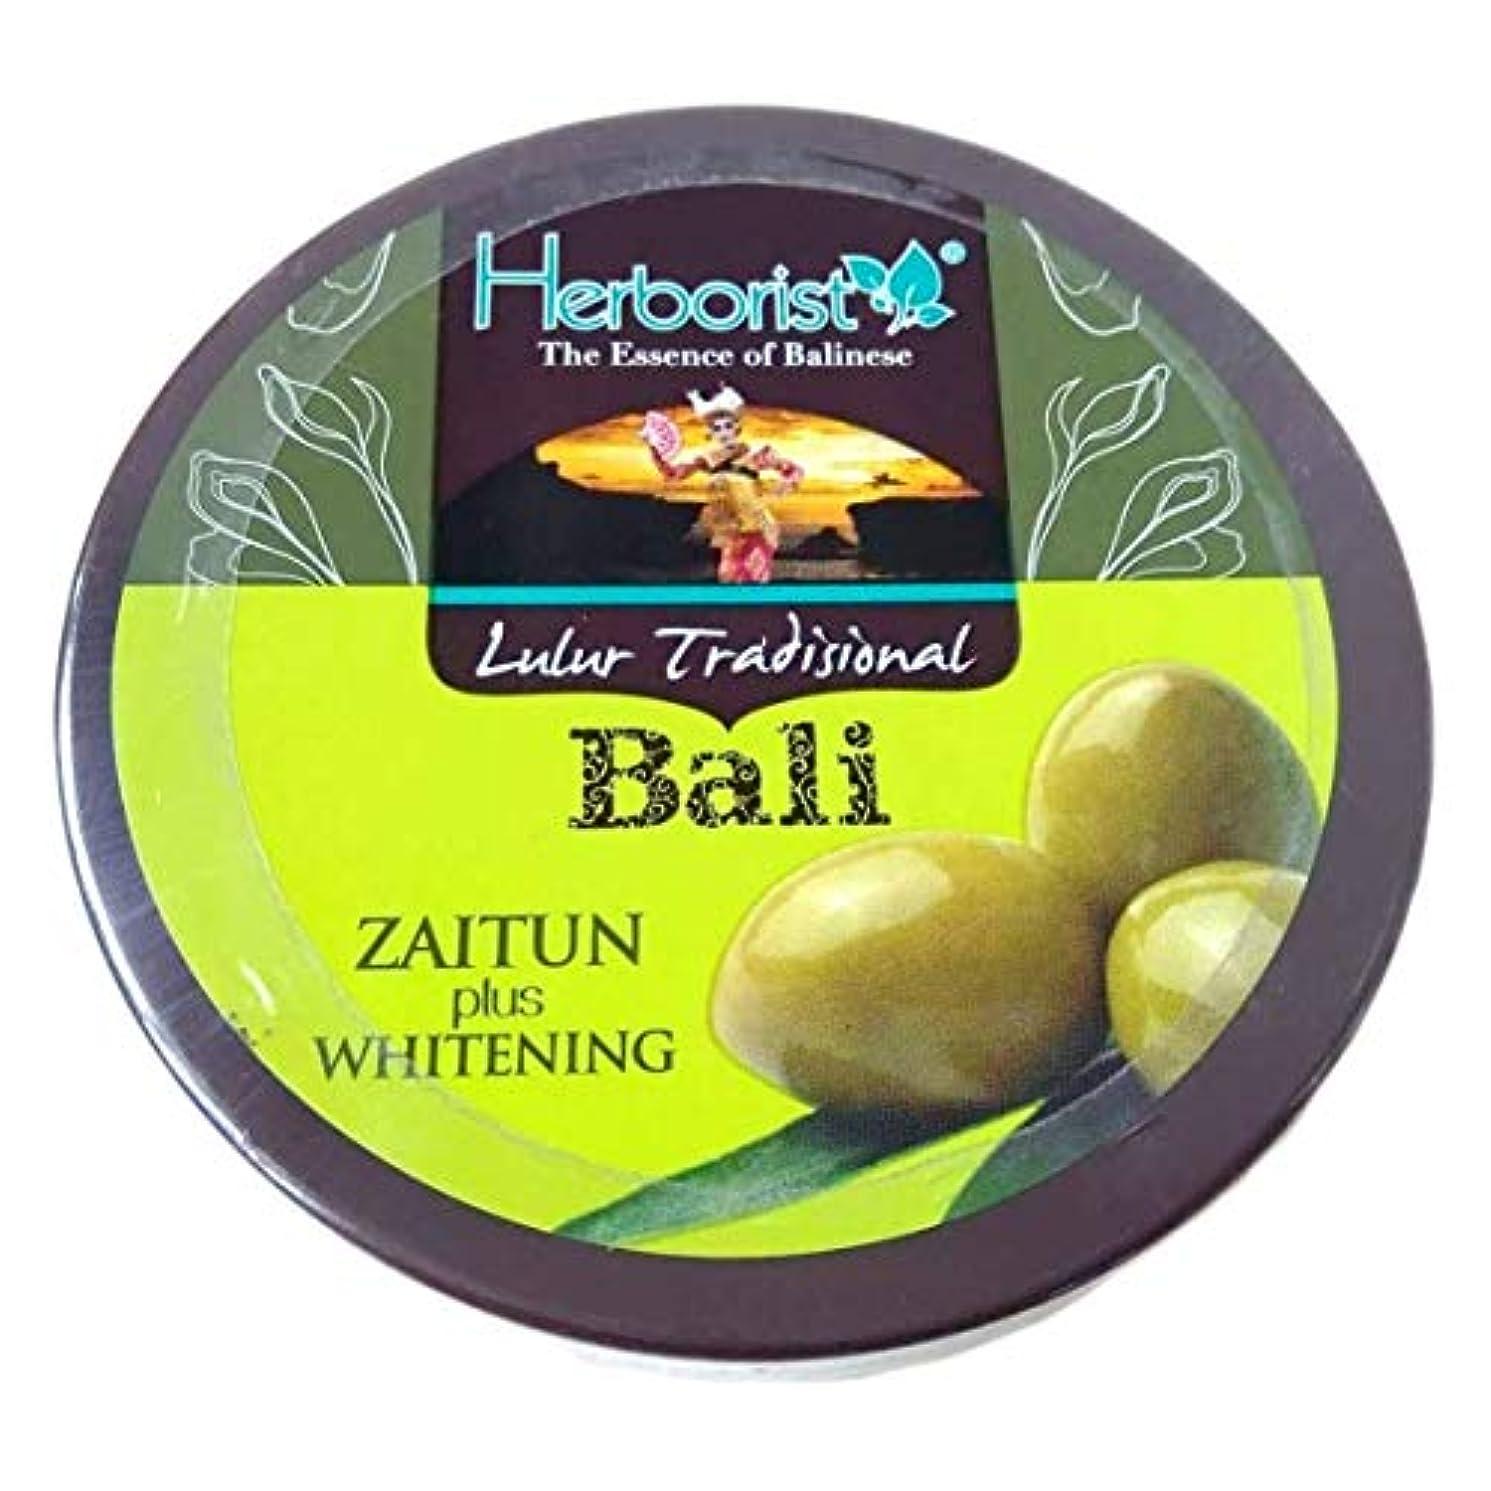 人物リスクドラフトHerborist ハーボリスト インドネシアバリ島の伝統的なボディスクラブ Lulur Tradisional Bali ルルールトラディショナルバリ 100g Zaitun Olive オリーブ [海外直送品]